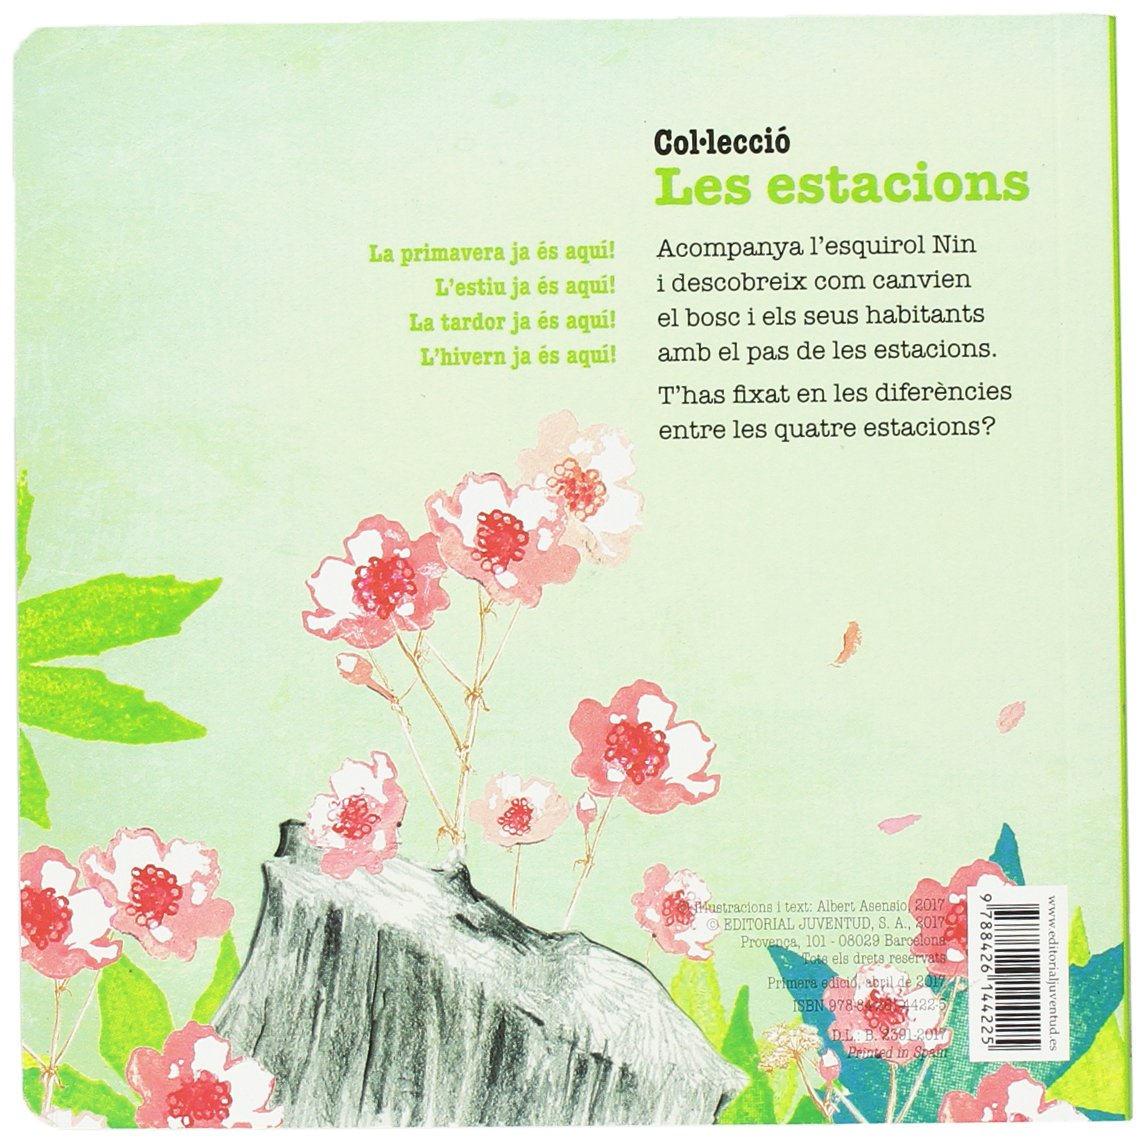 fd9167635e78 La primavera ja és aquí! Mis Primeros Libros de Cartón  Amazon.es  Albert  Asensio Navarro  Libros